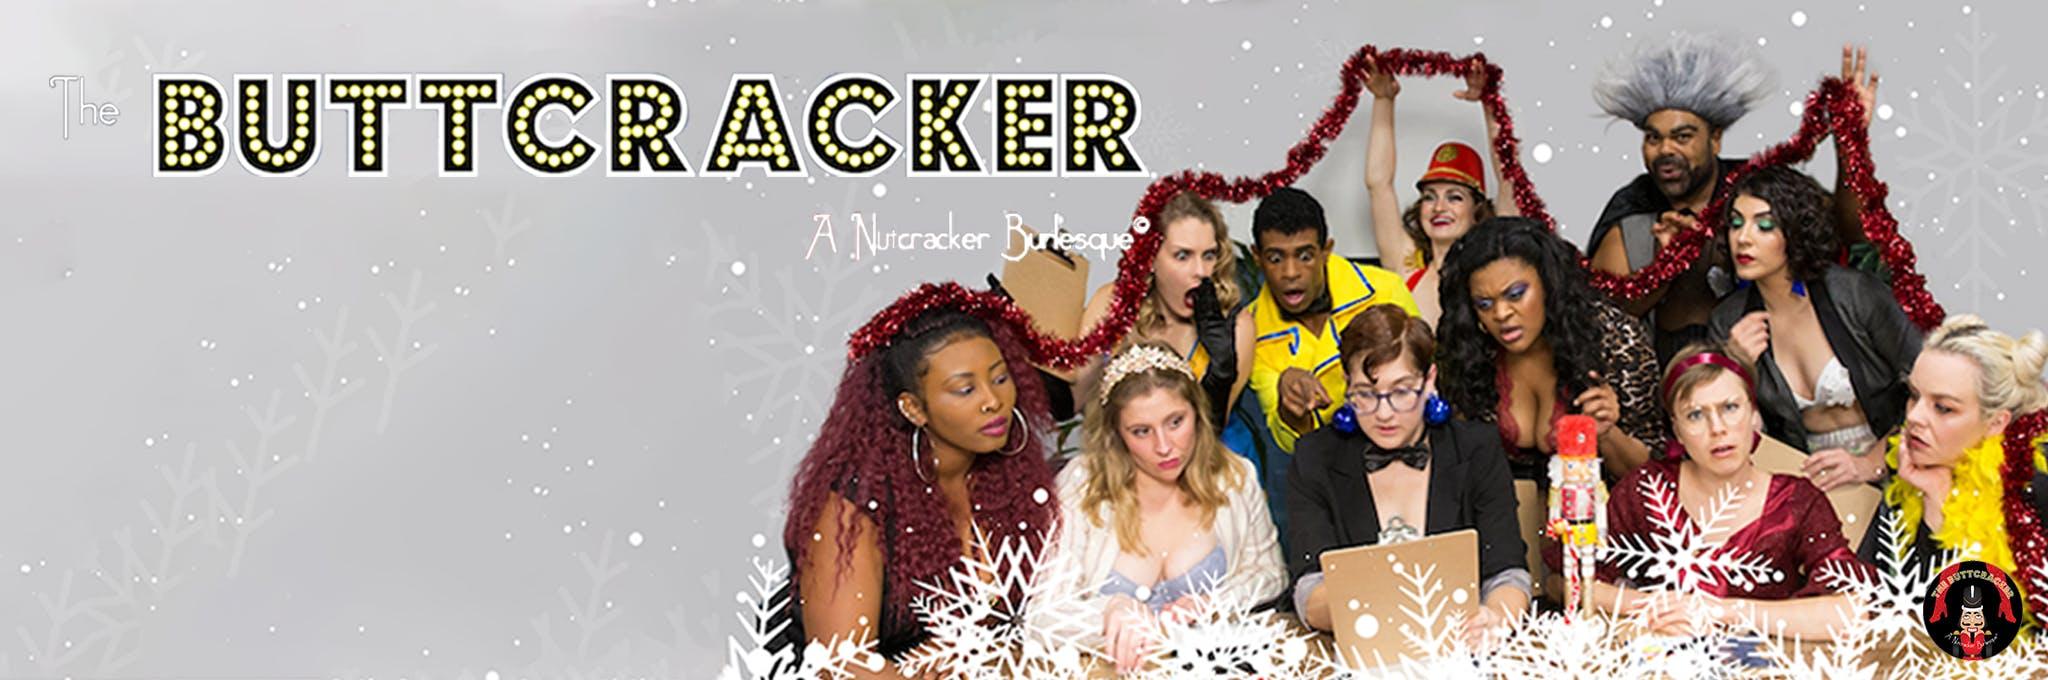 The Buttcracker: A Nutcracker Burlesque Logo